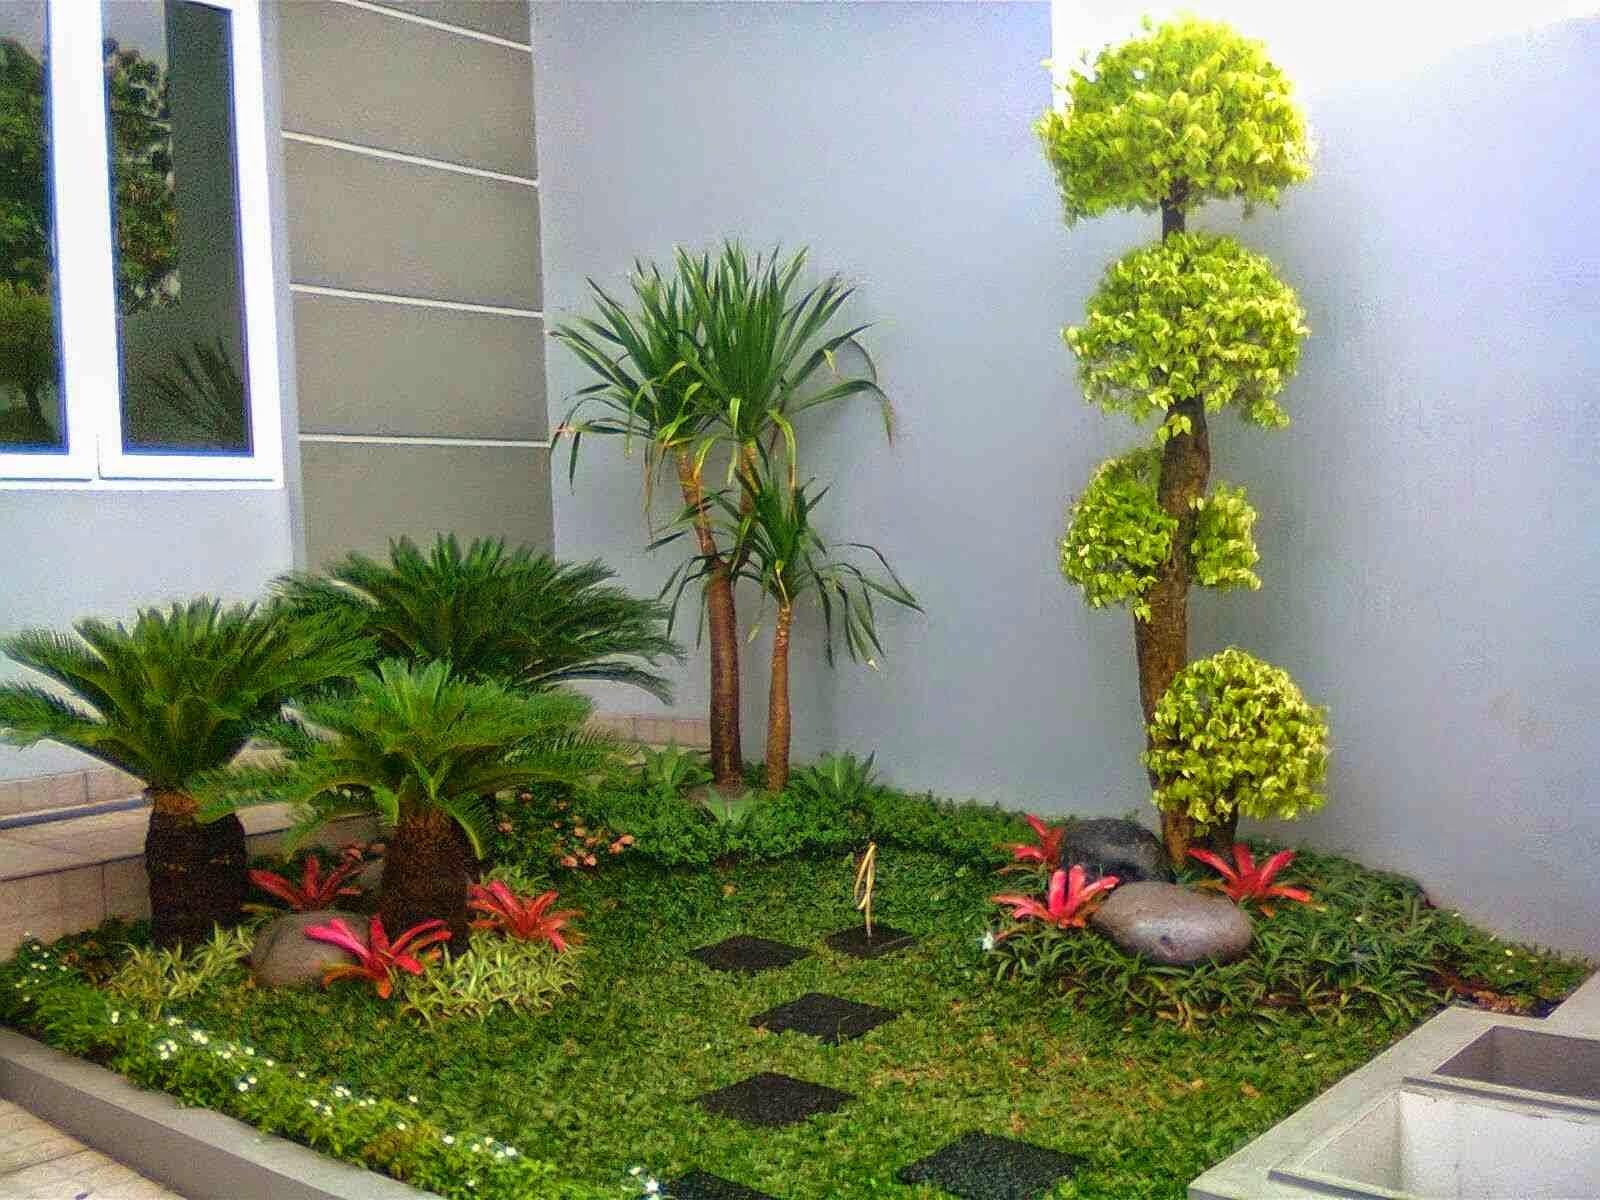 kumpulan gambar taman rumah minimalis terbaru